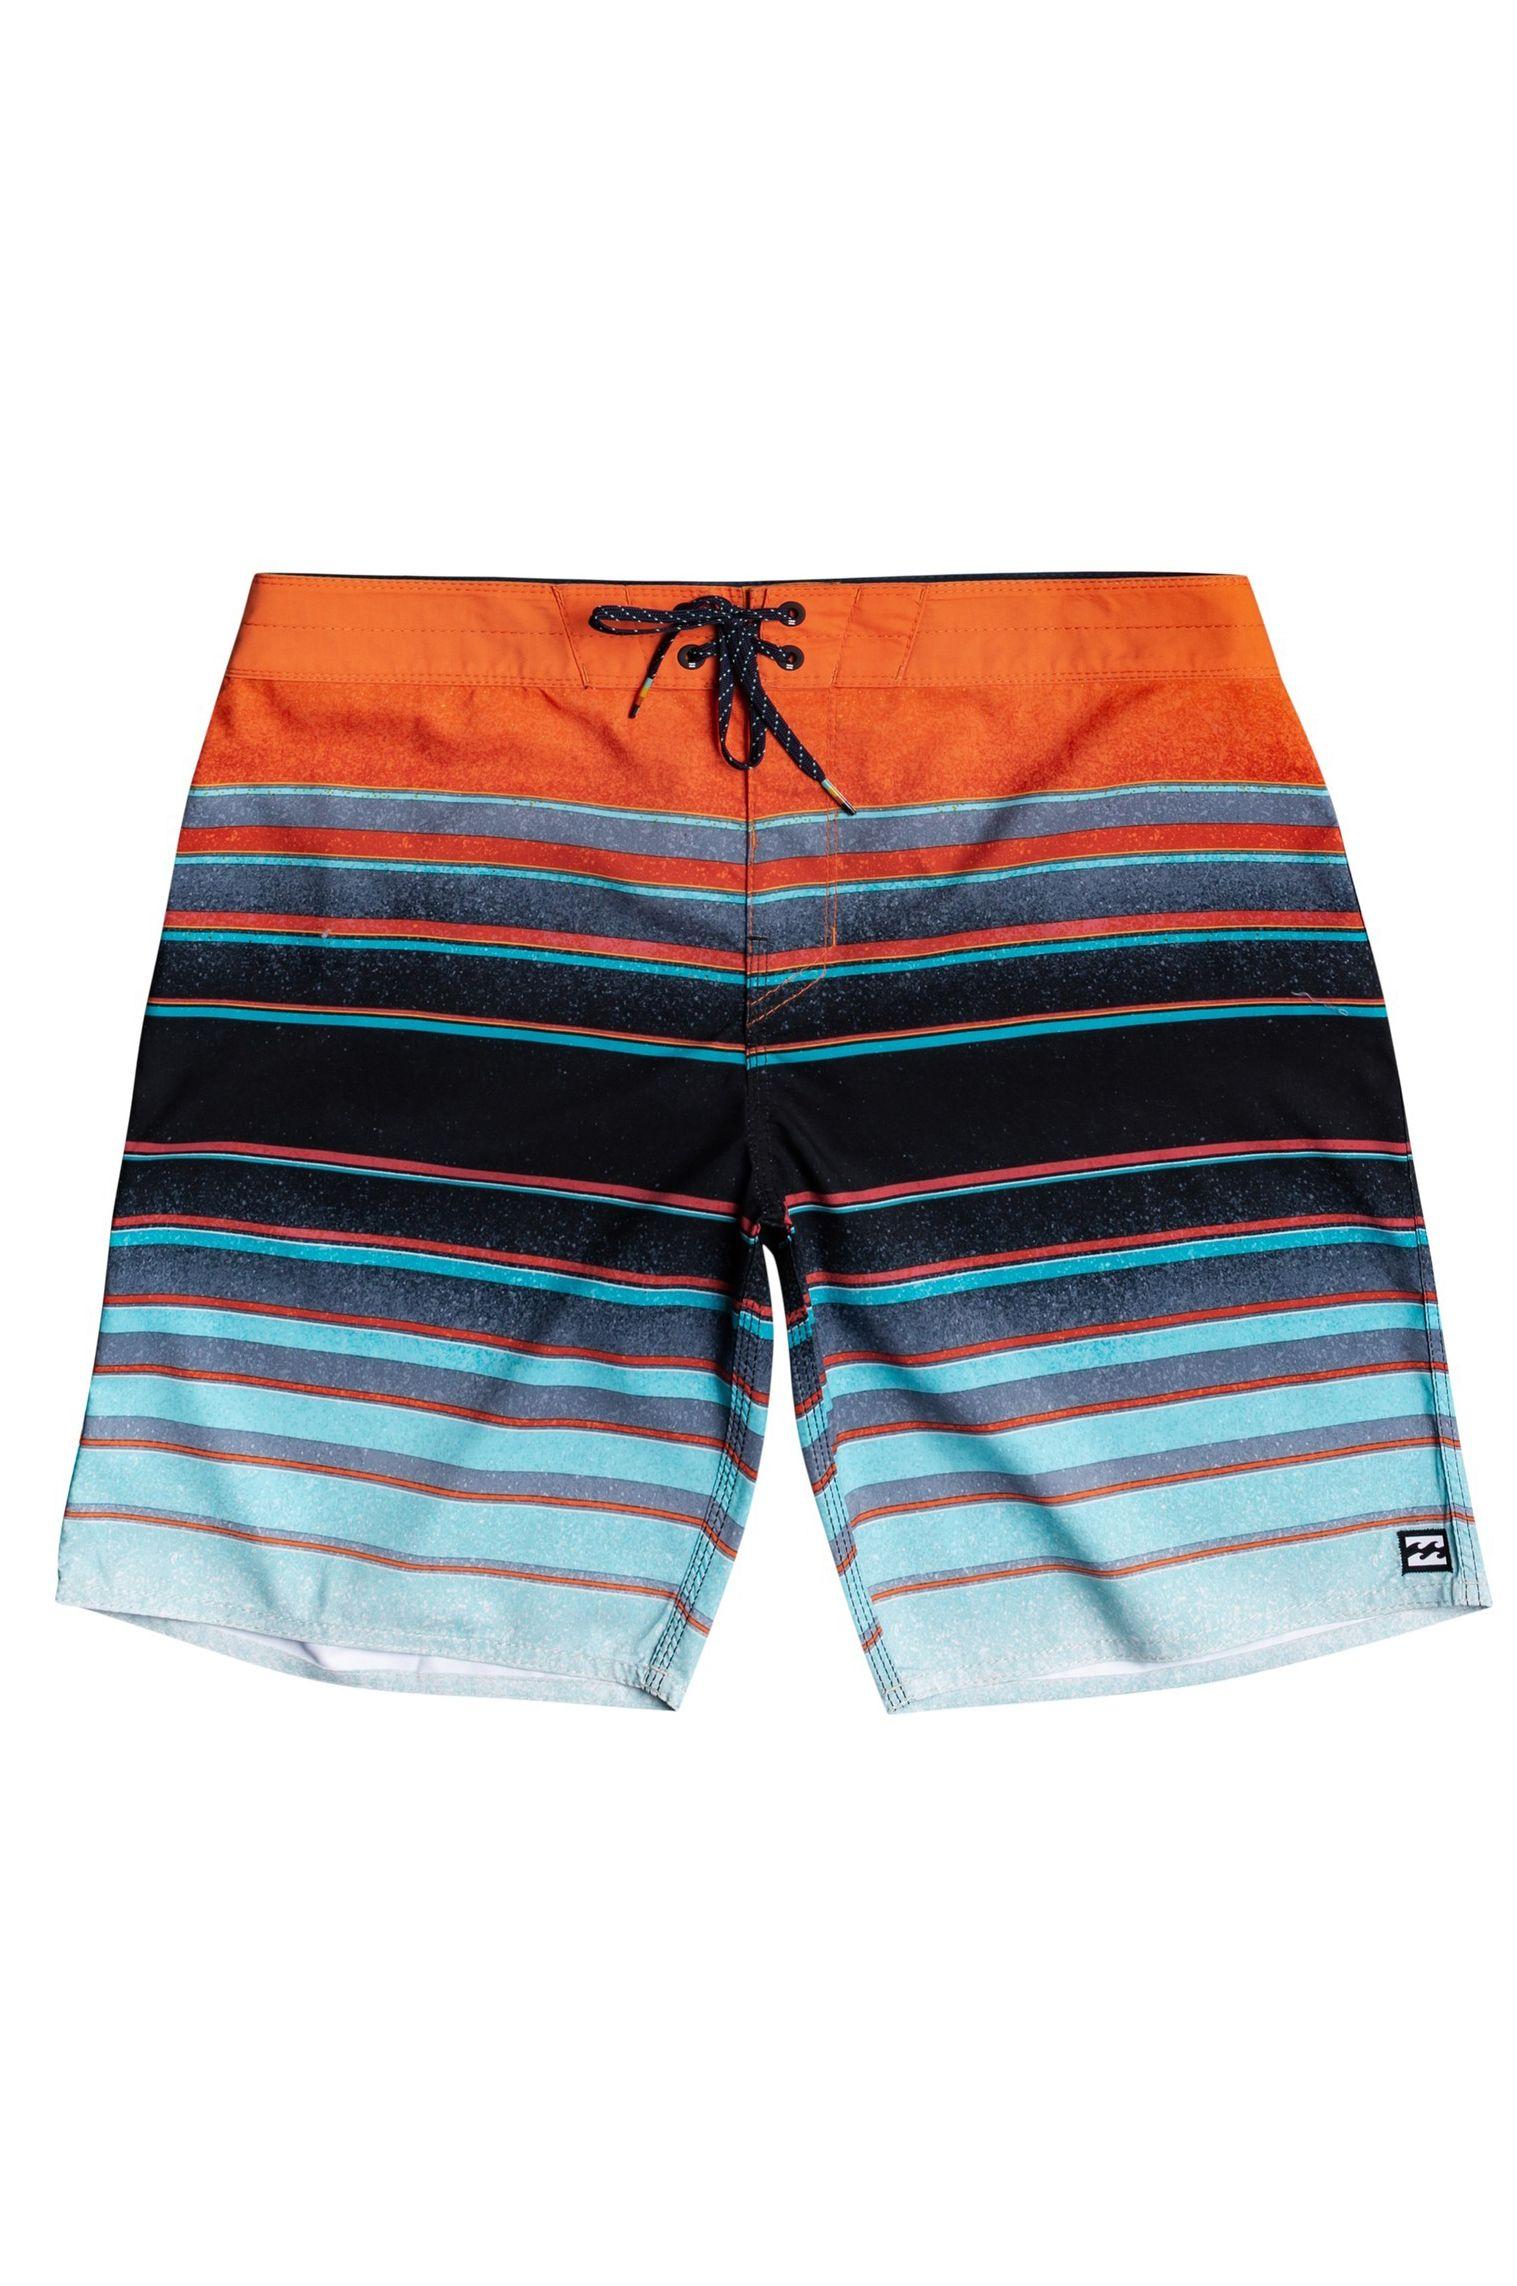 Boardshorts Billabong ALL DAY STRIPES OG Aqua